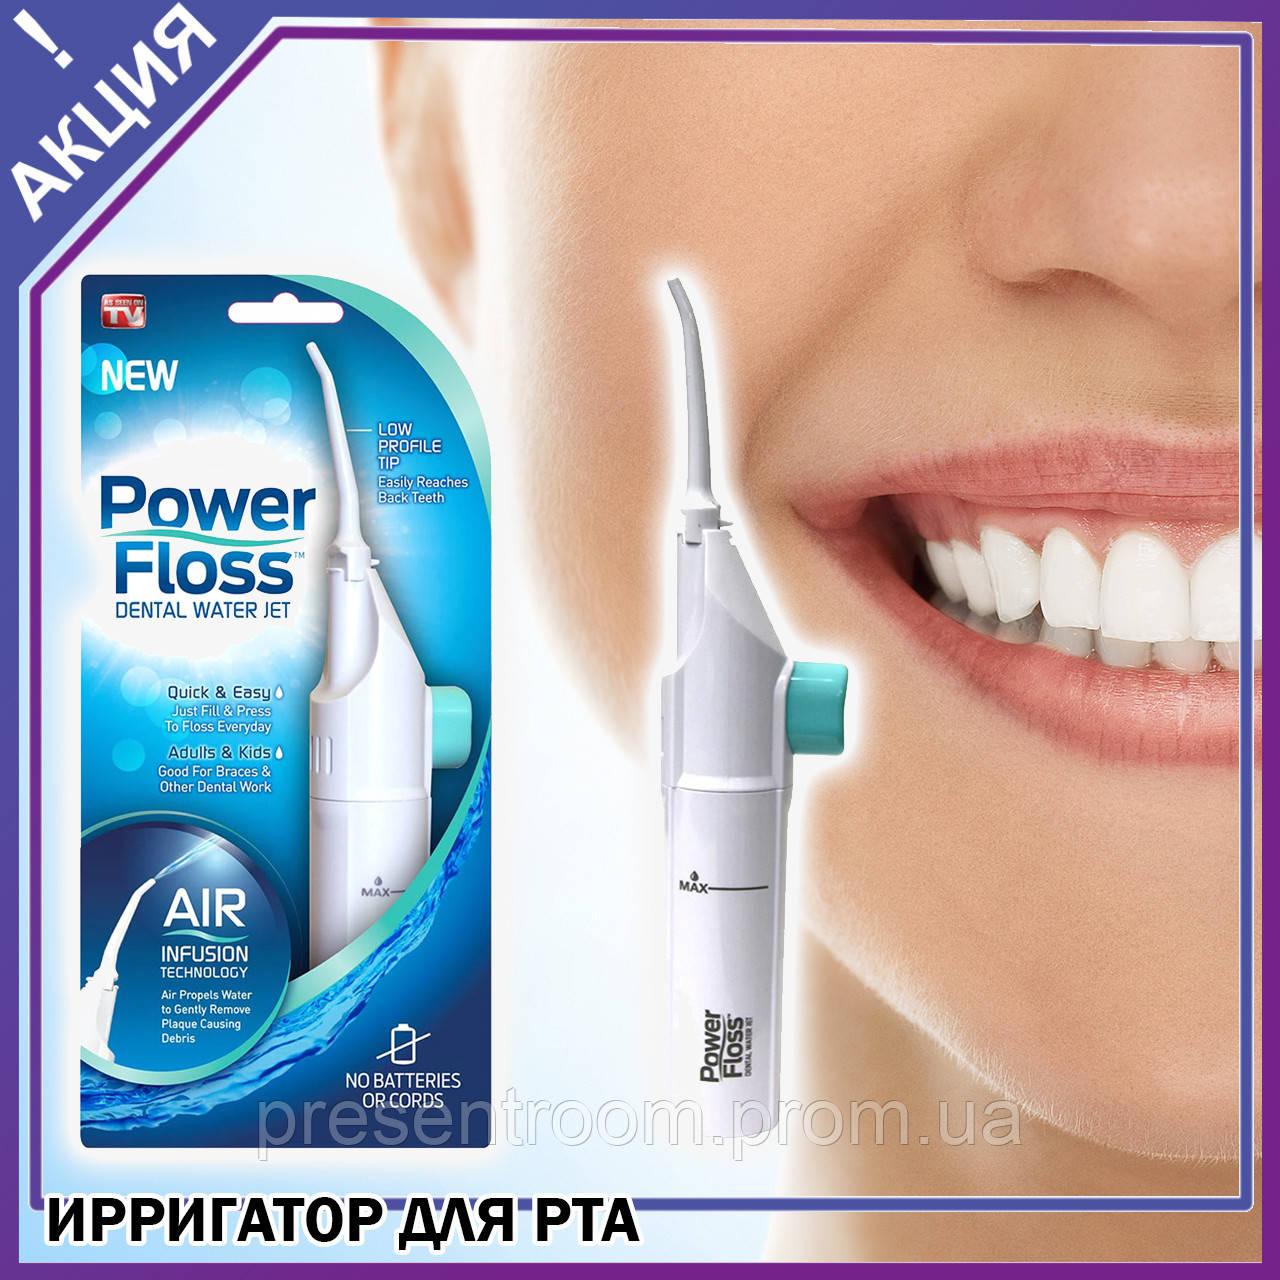 Ирригатор для полости рта и зубов Power Floss Dental Water Jet / ватерпик, иригатор, аригатор, зубная щетка